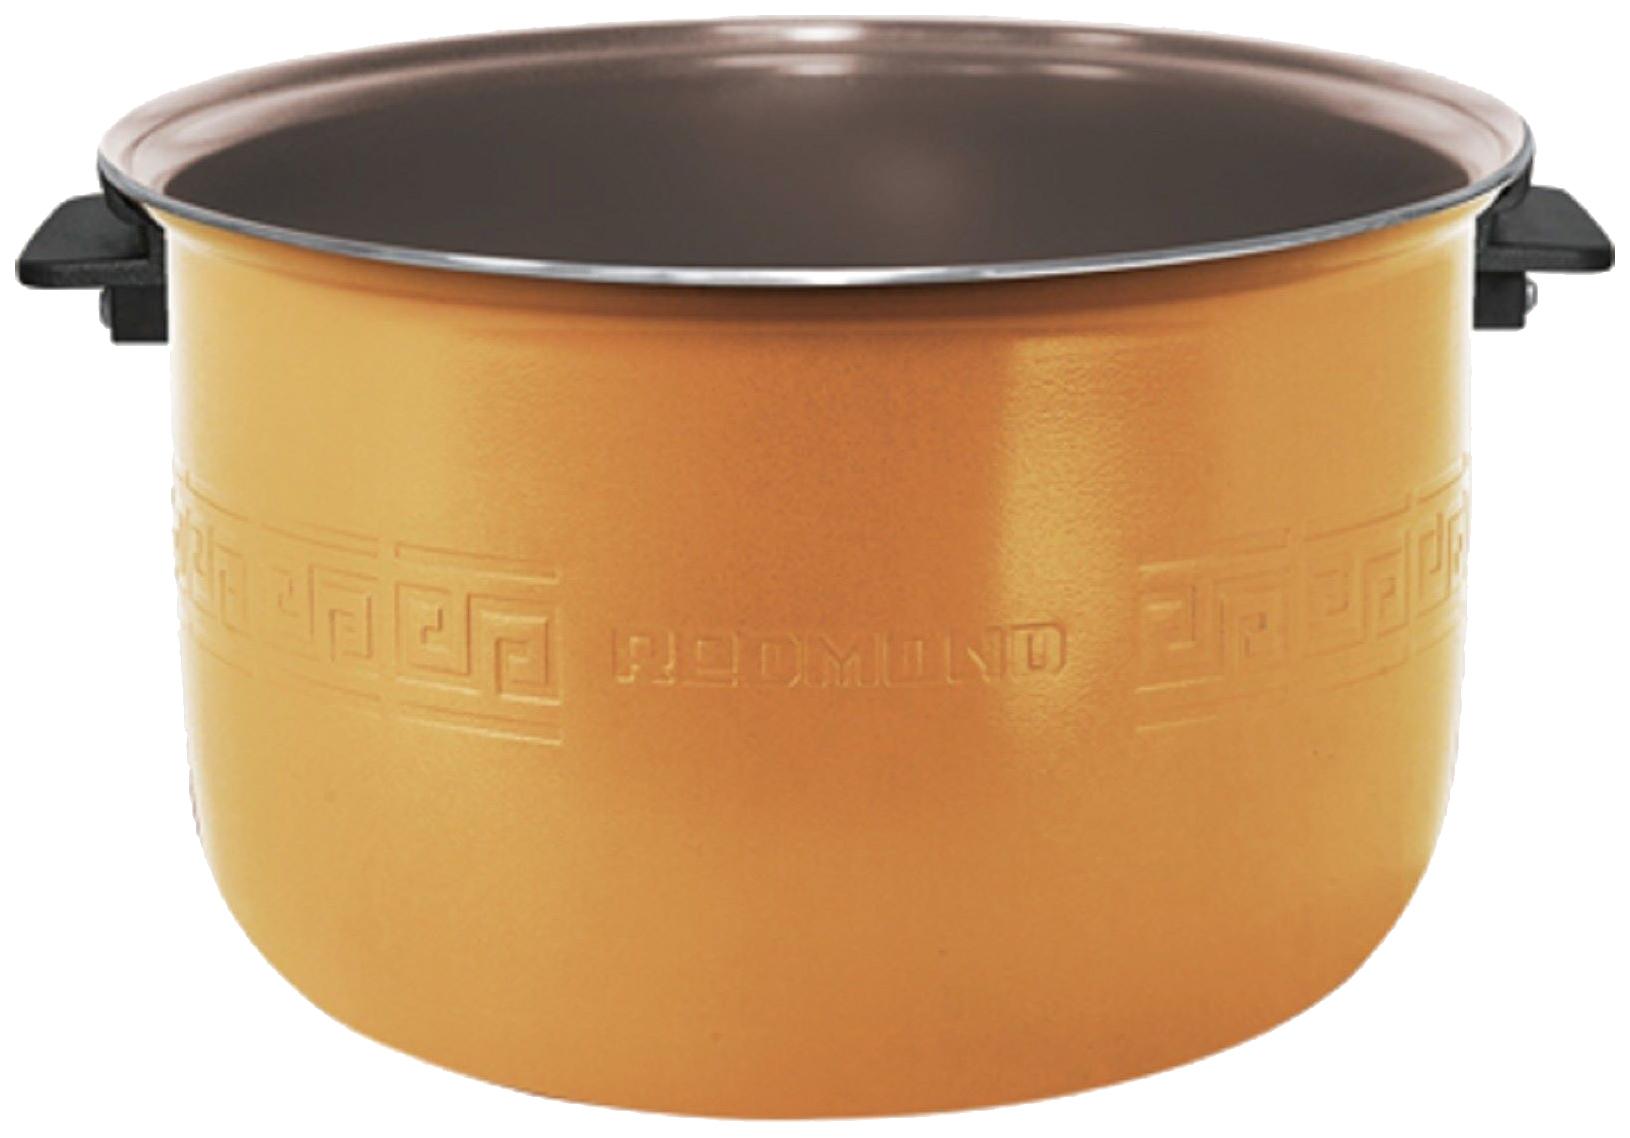 Чаша для мультиварки Redmond RB-C515 Золотистый, черный